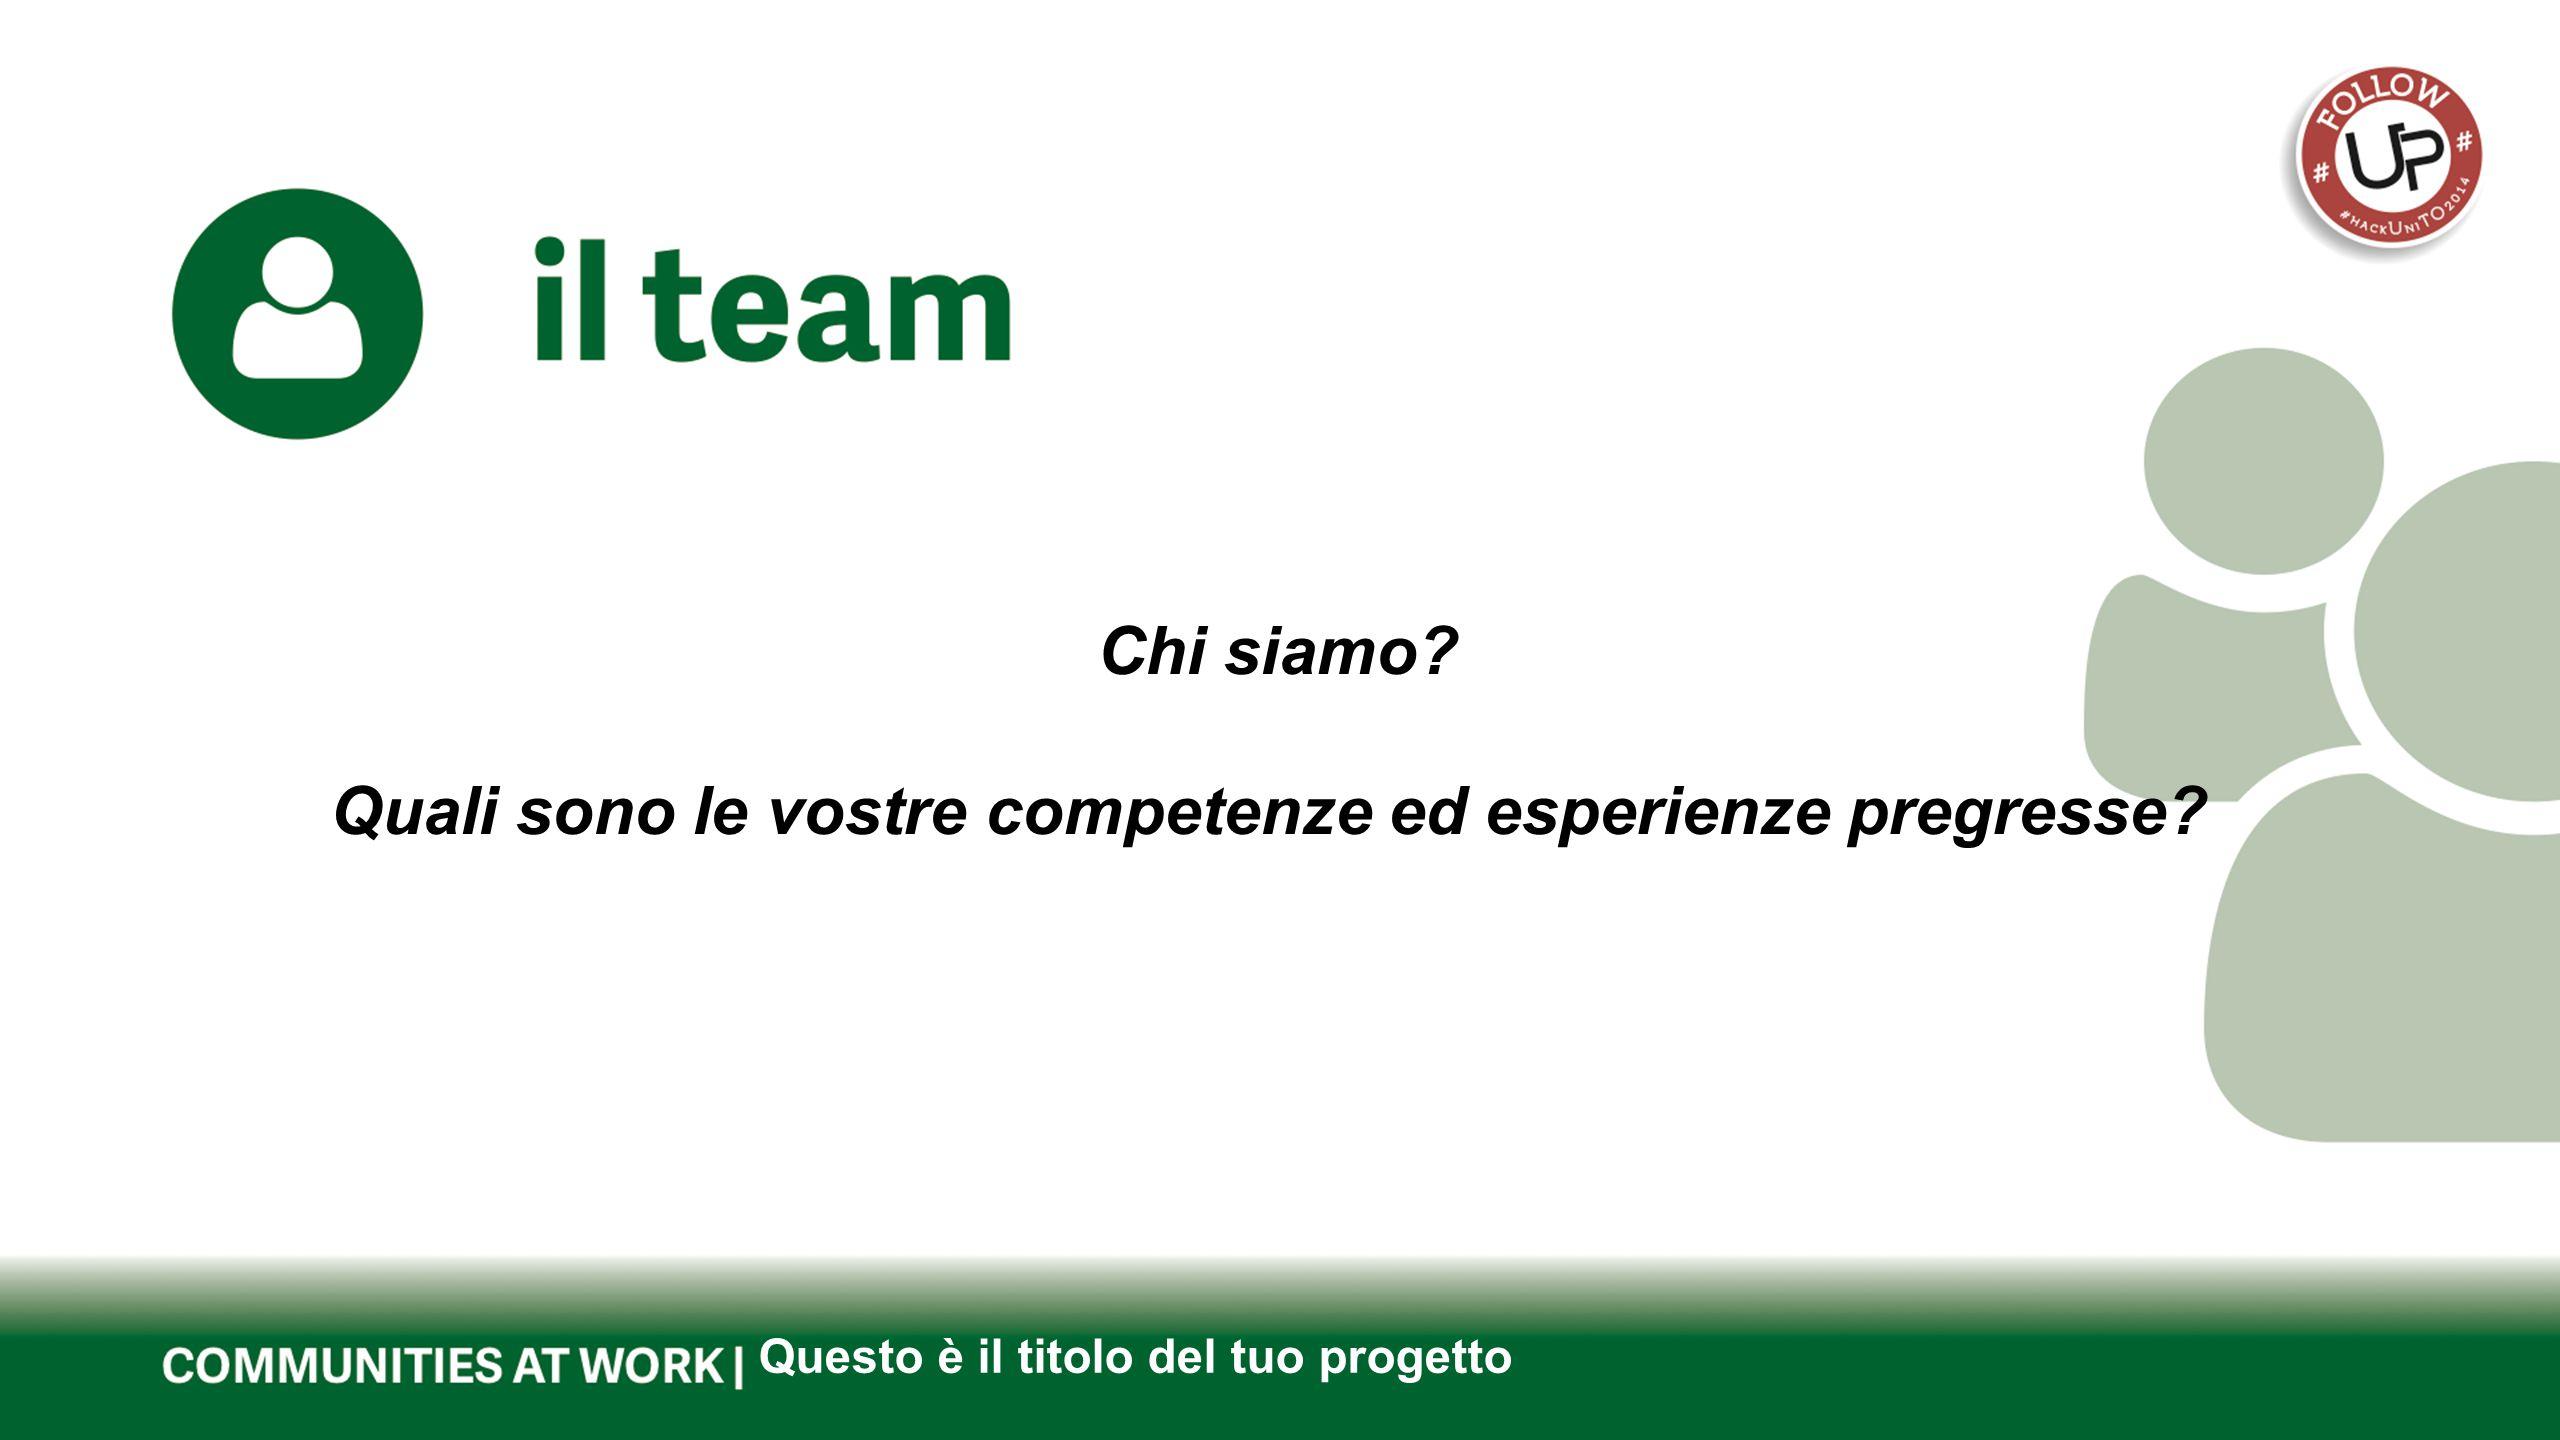 Questo è il titolo del tuo progetto Quali sono i risultati che il team vuole raggiungere?